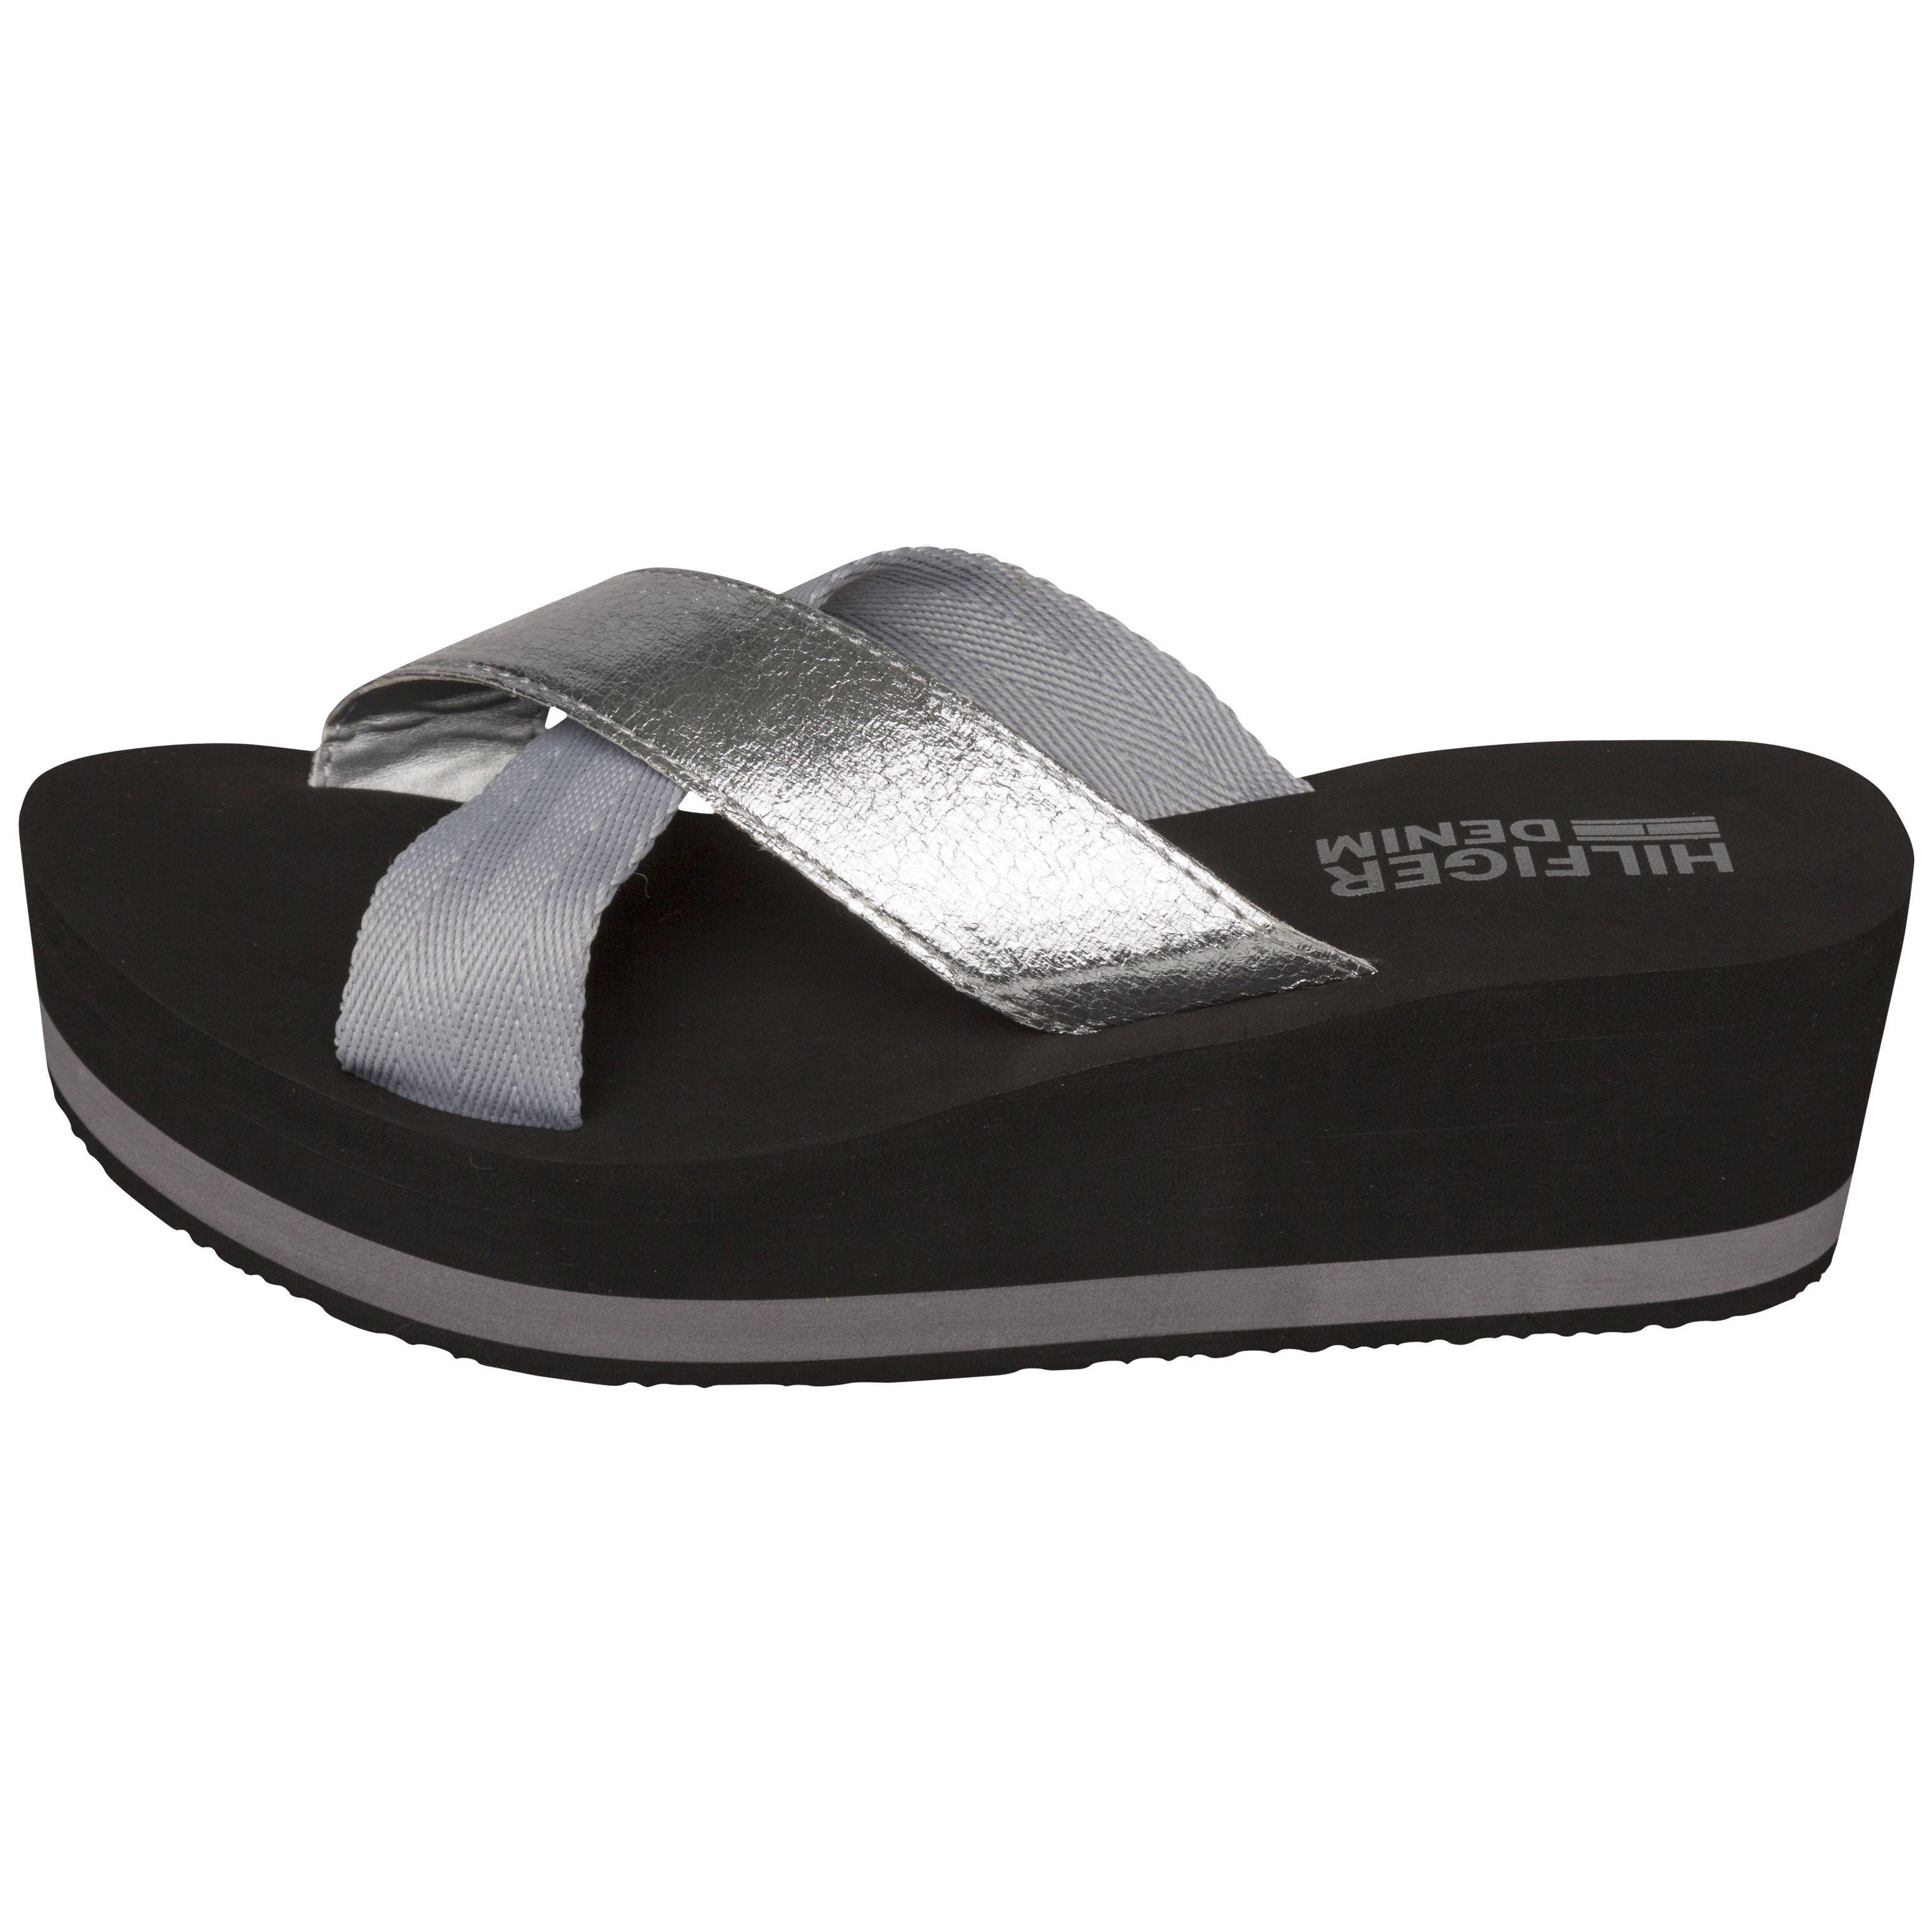 Tommy Hilfiger Sandale S1385EASIDE 1D kaufen  SILVER